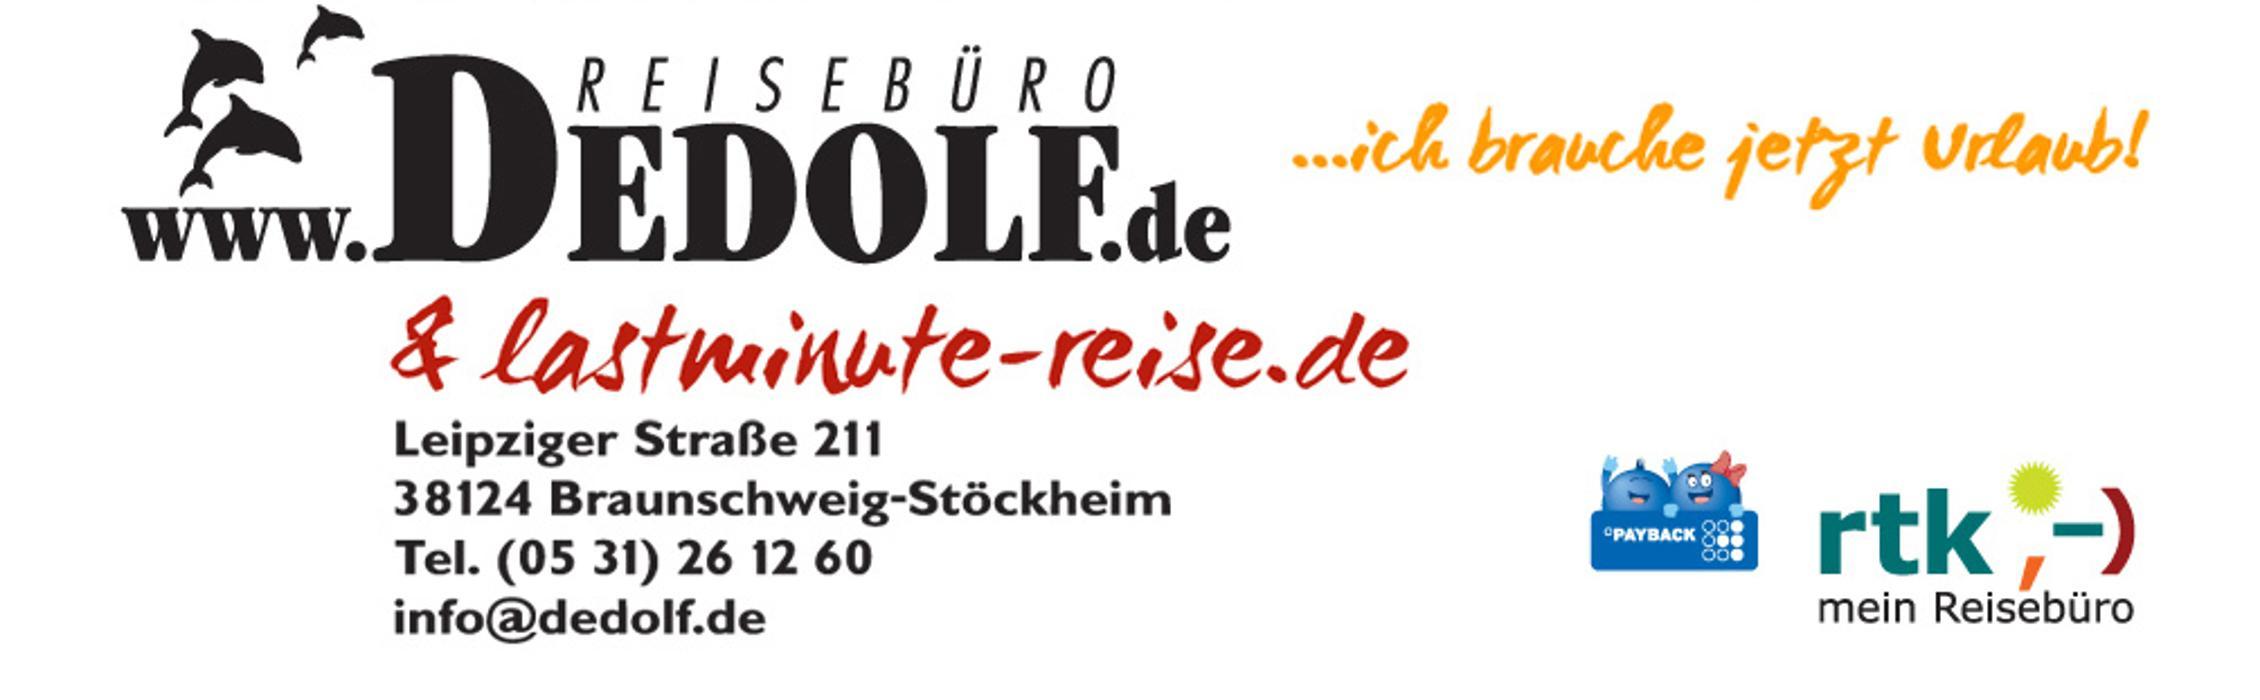 Bild zu Reisebüro Dedolf in Braunschweig